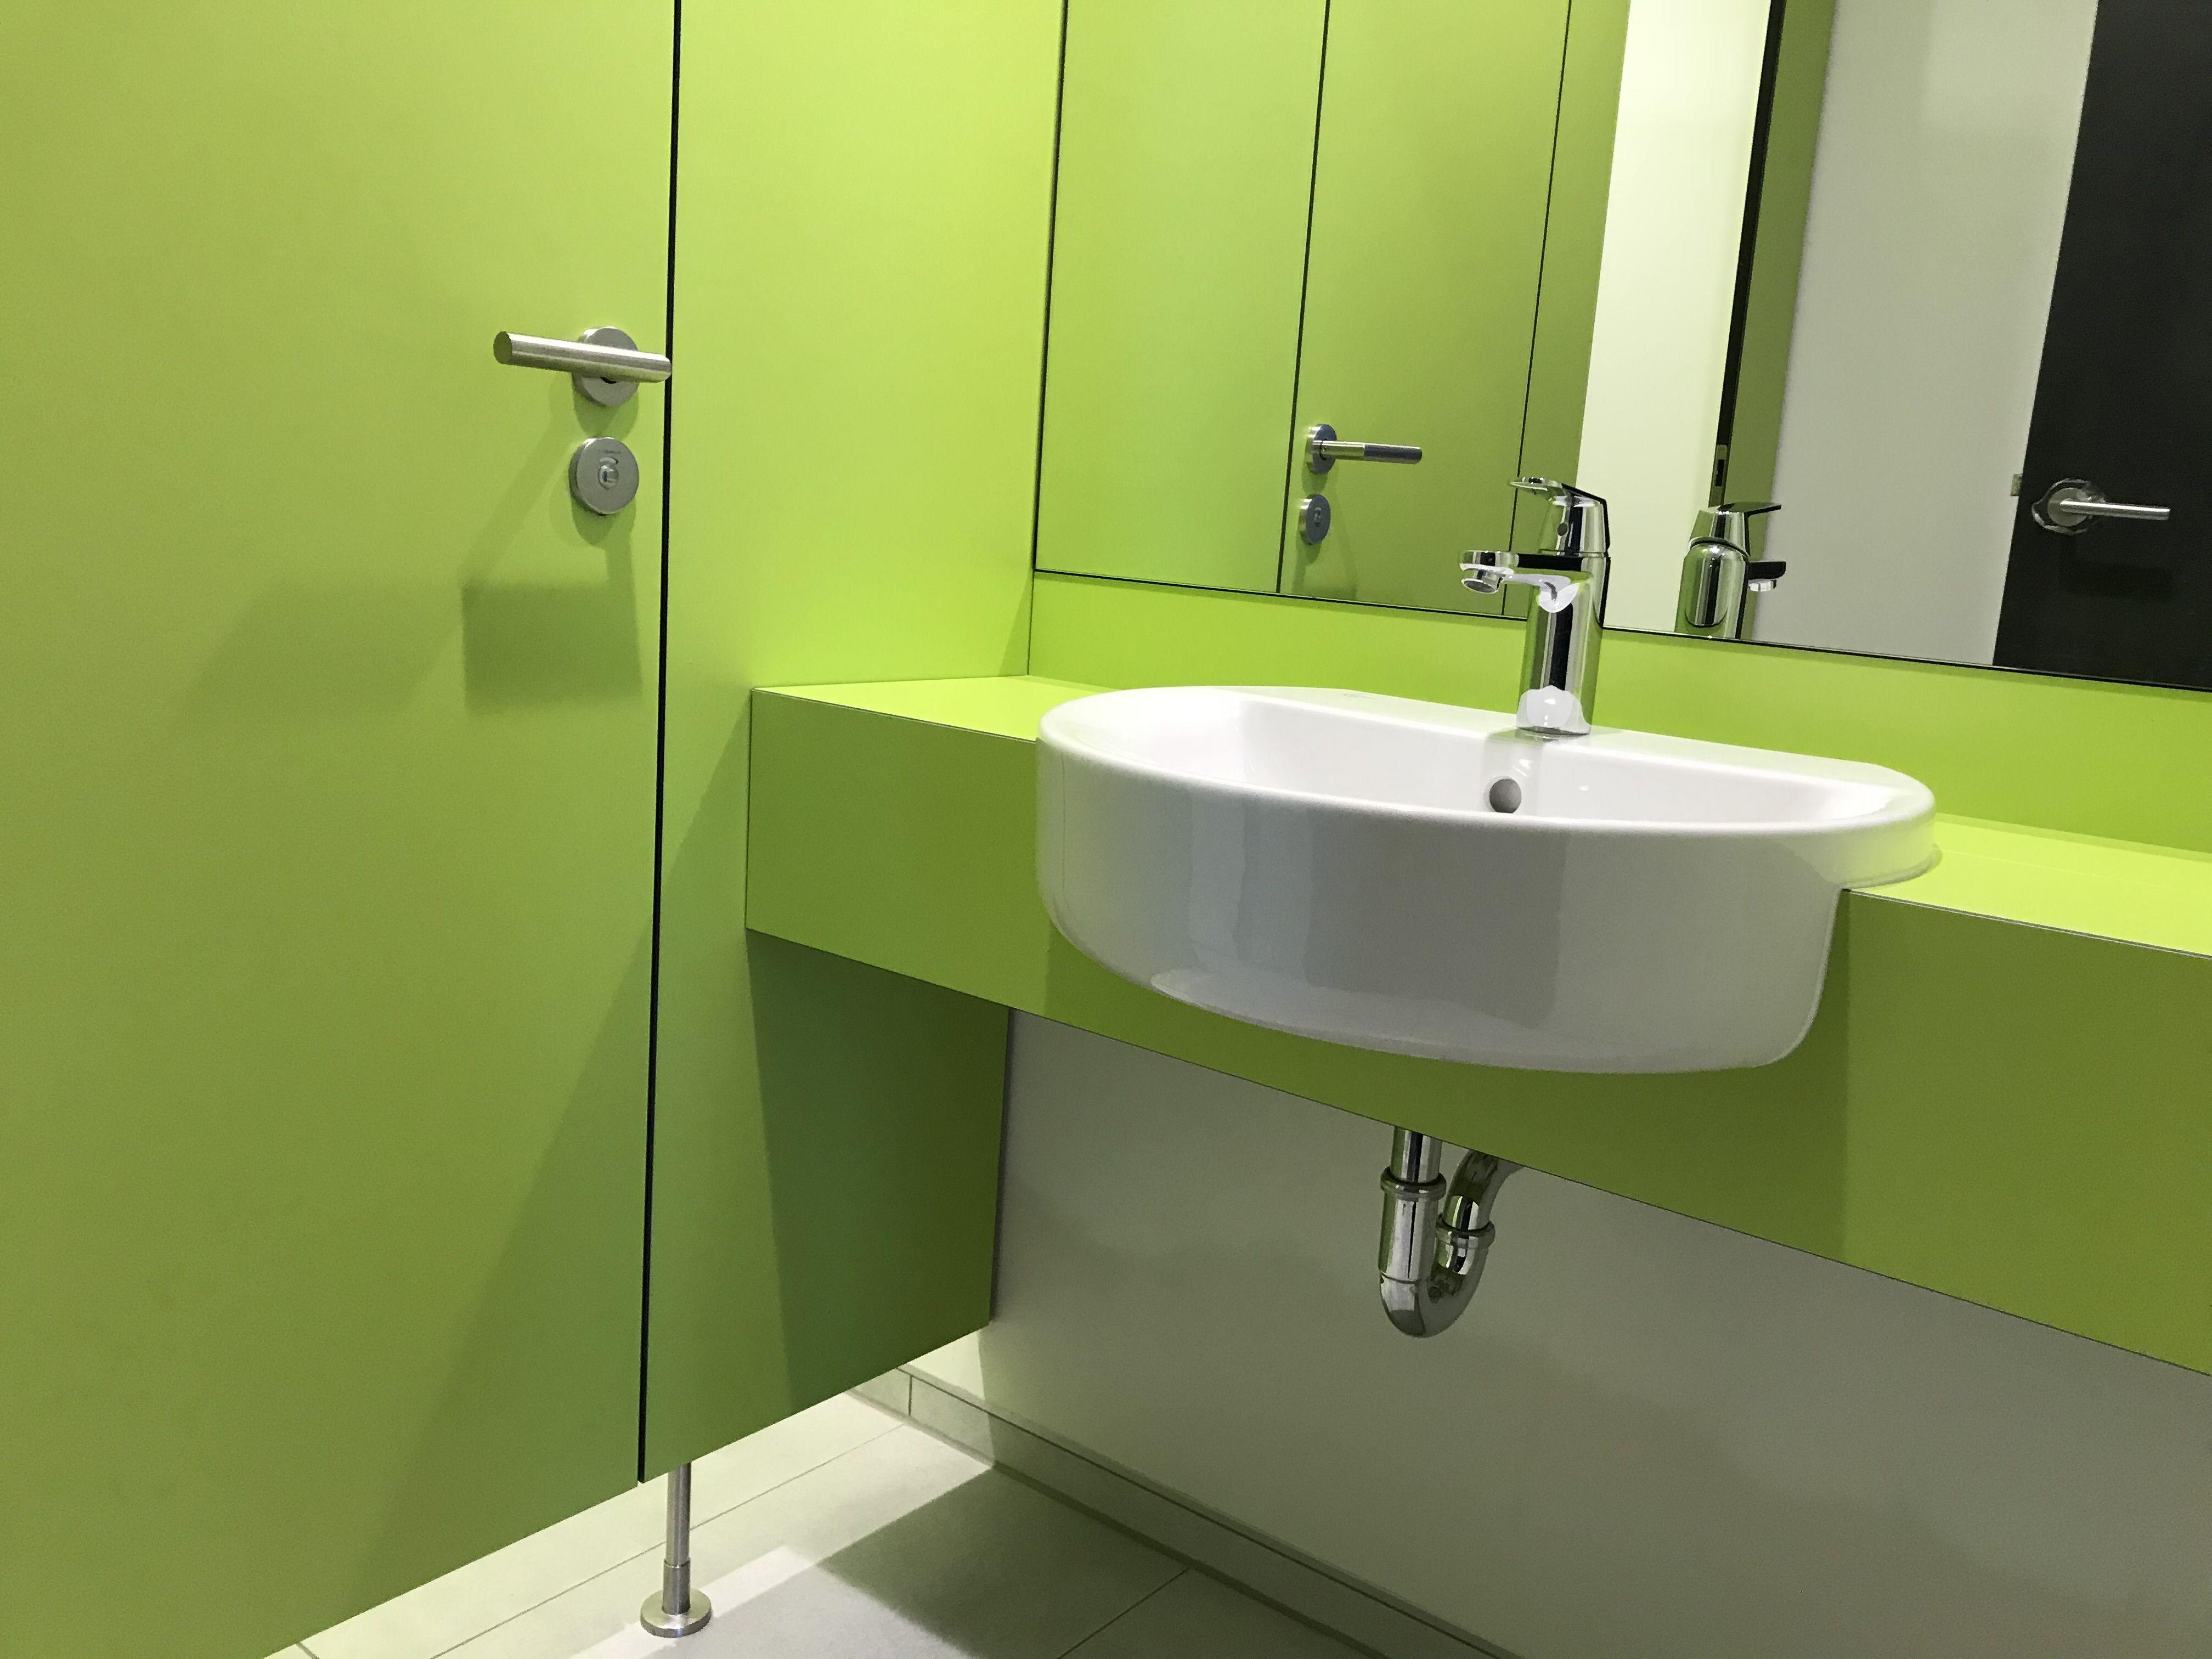 Passende Waschtischanlage Mit Bauseitigem Keramik Waschtisch Verwaltungsgebaude Waschtisch Trennwand